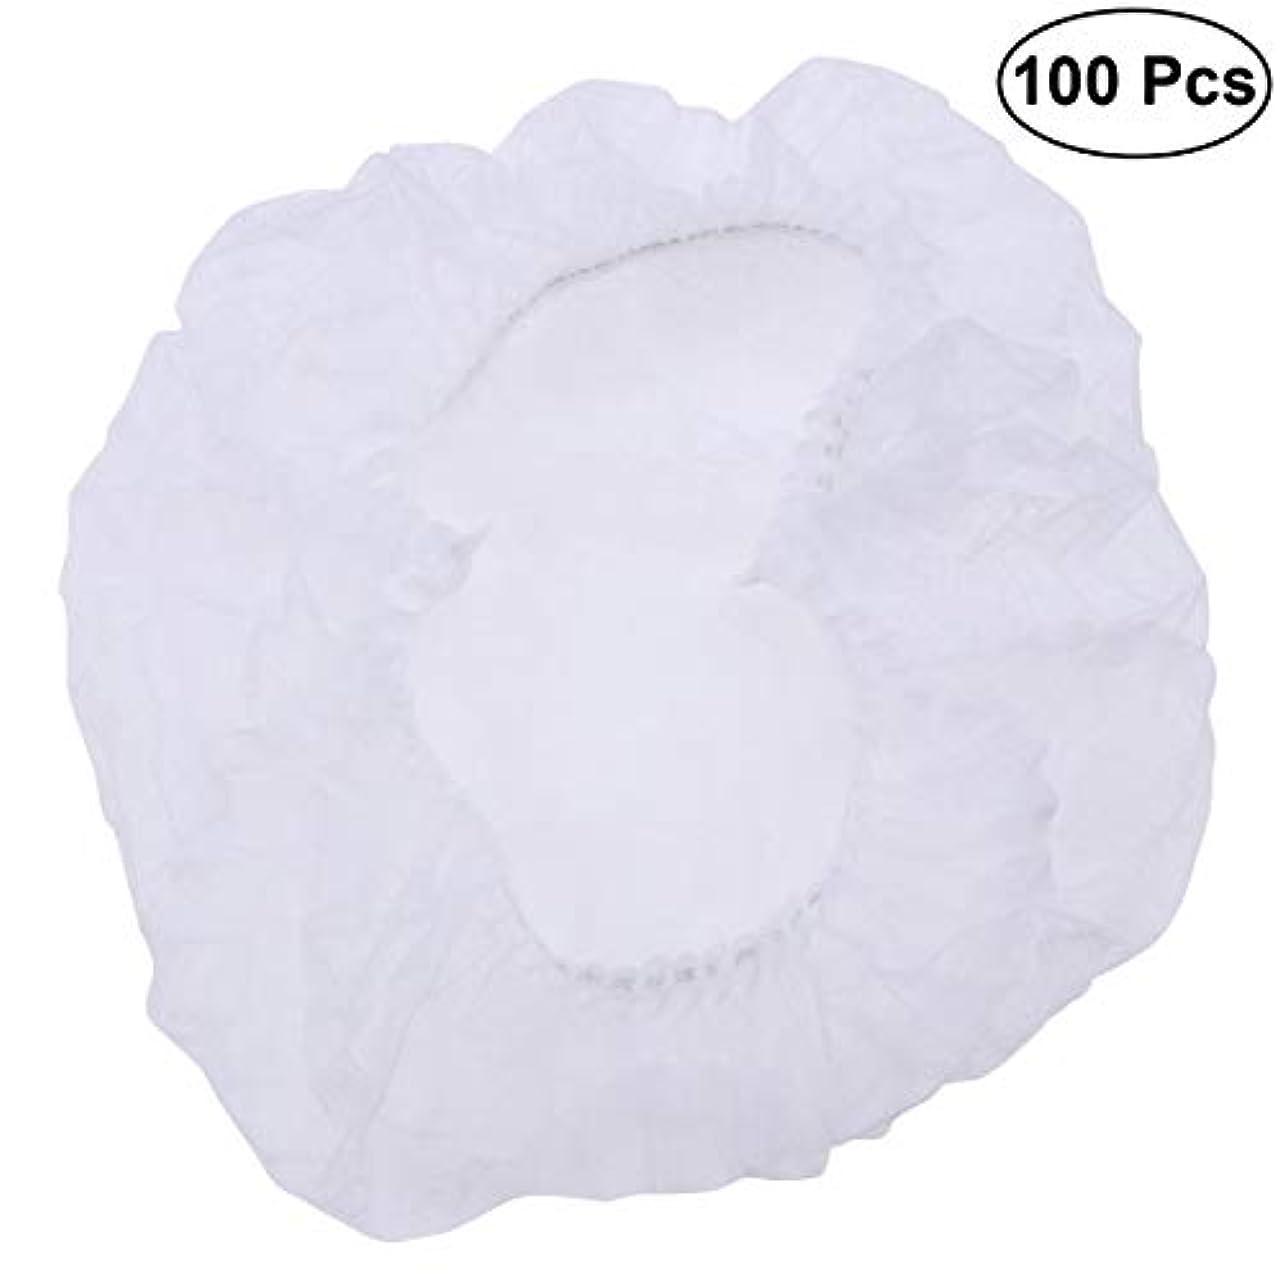 冊子虐殺打ち負かすSUPVOX ヘアサロンの家のホテル100pcsのための使い捨て可能なシャワーキャップの伸縮性がある毛の帽子